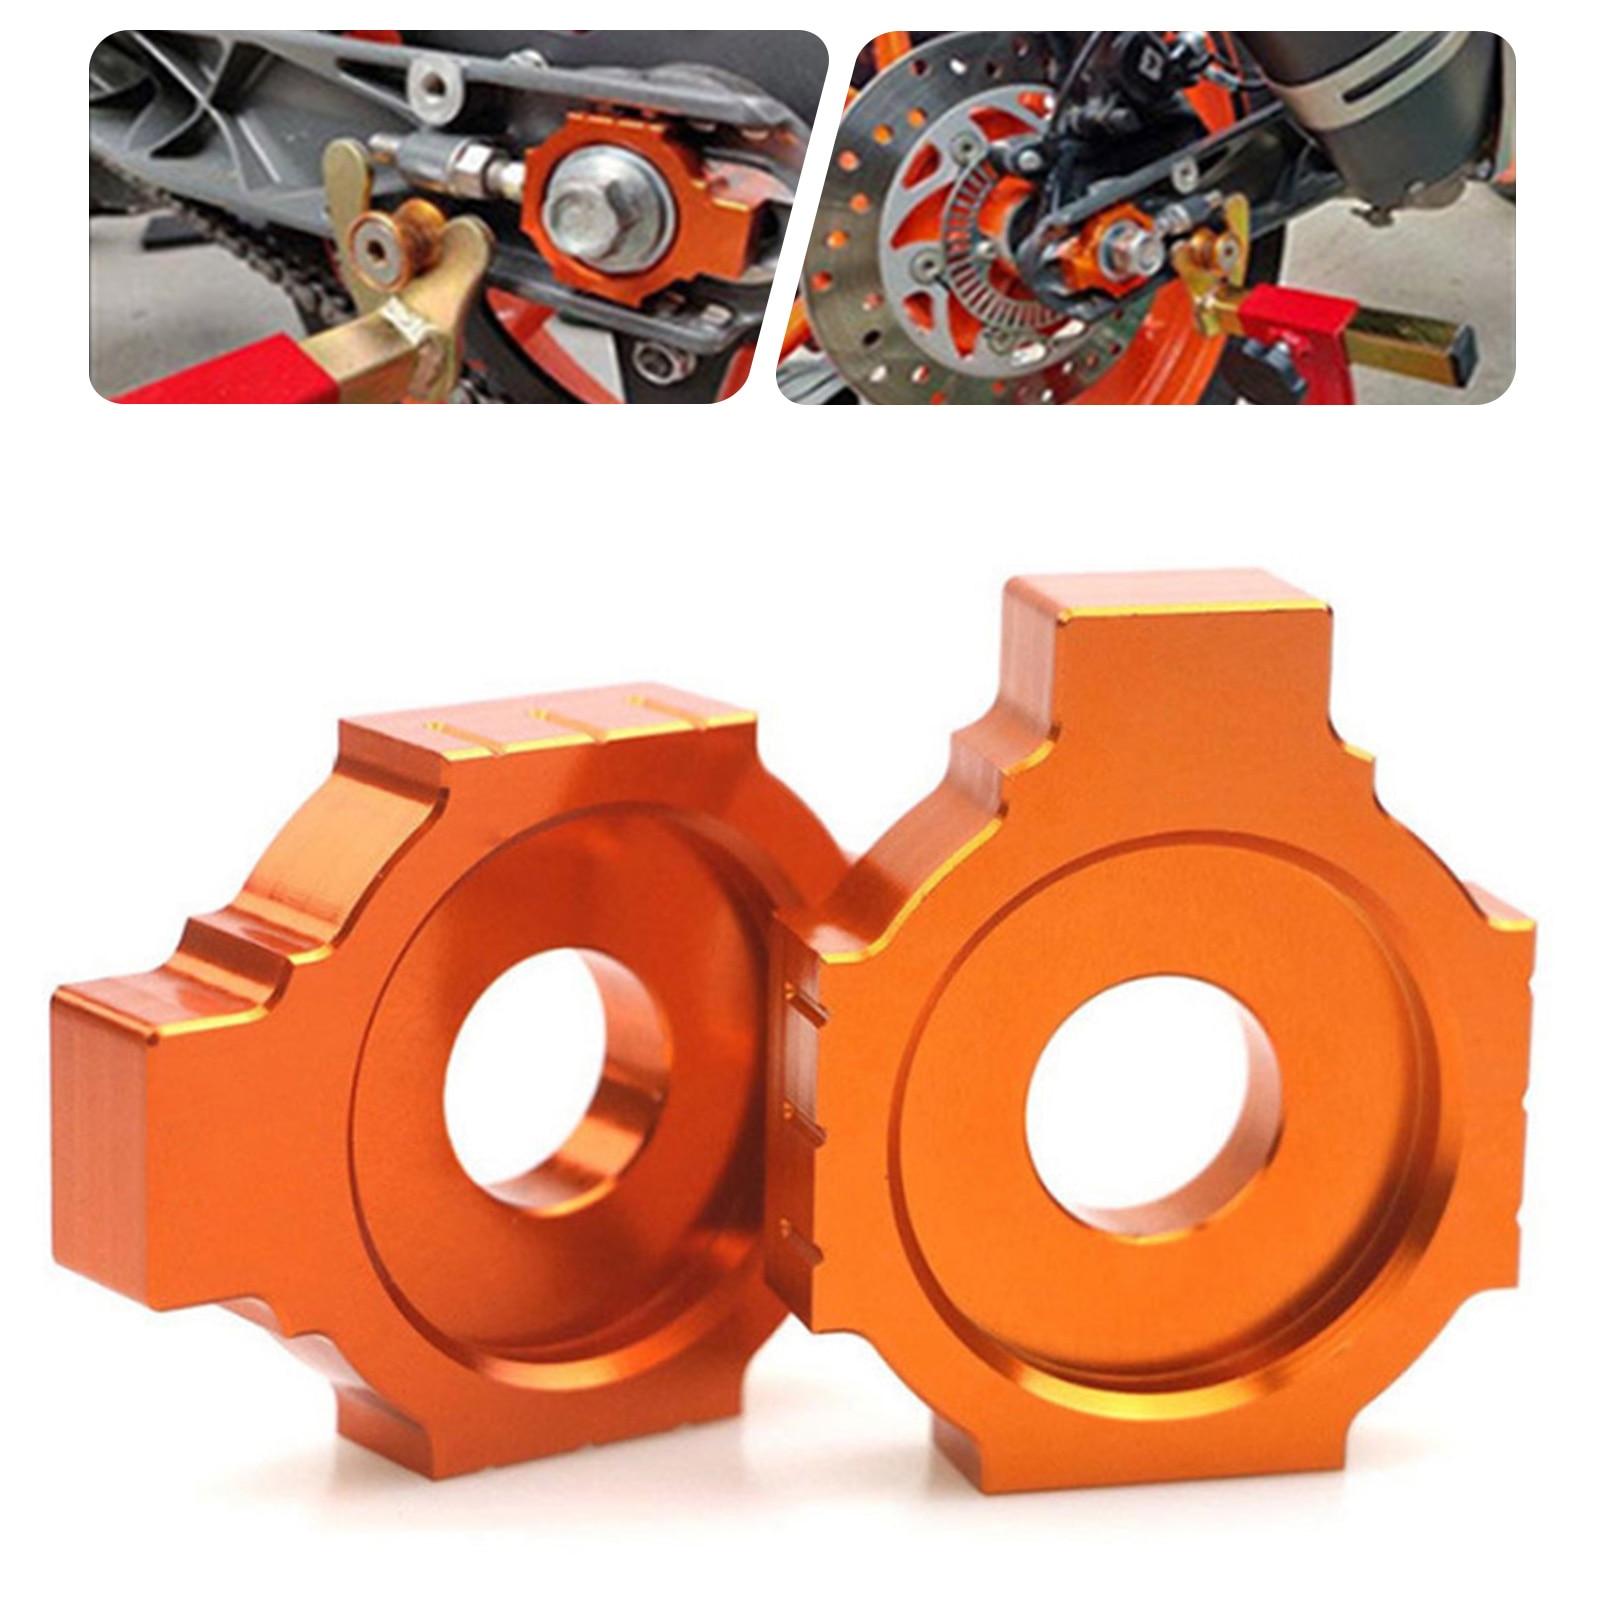 Motorrad Kette Teller Regler Sliders Für XC-W XCF-W EXCF EXC 525 520 500 450 400 350 380 300 250 200 125 SXS SXF SX